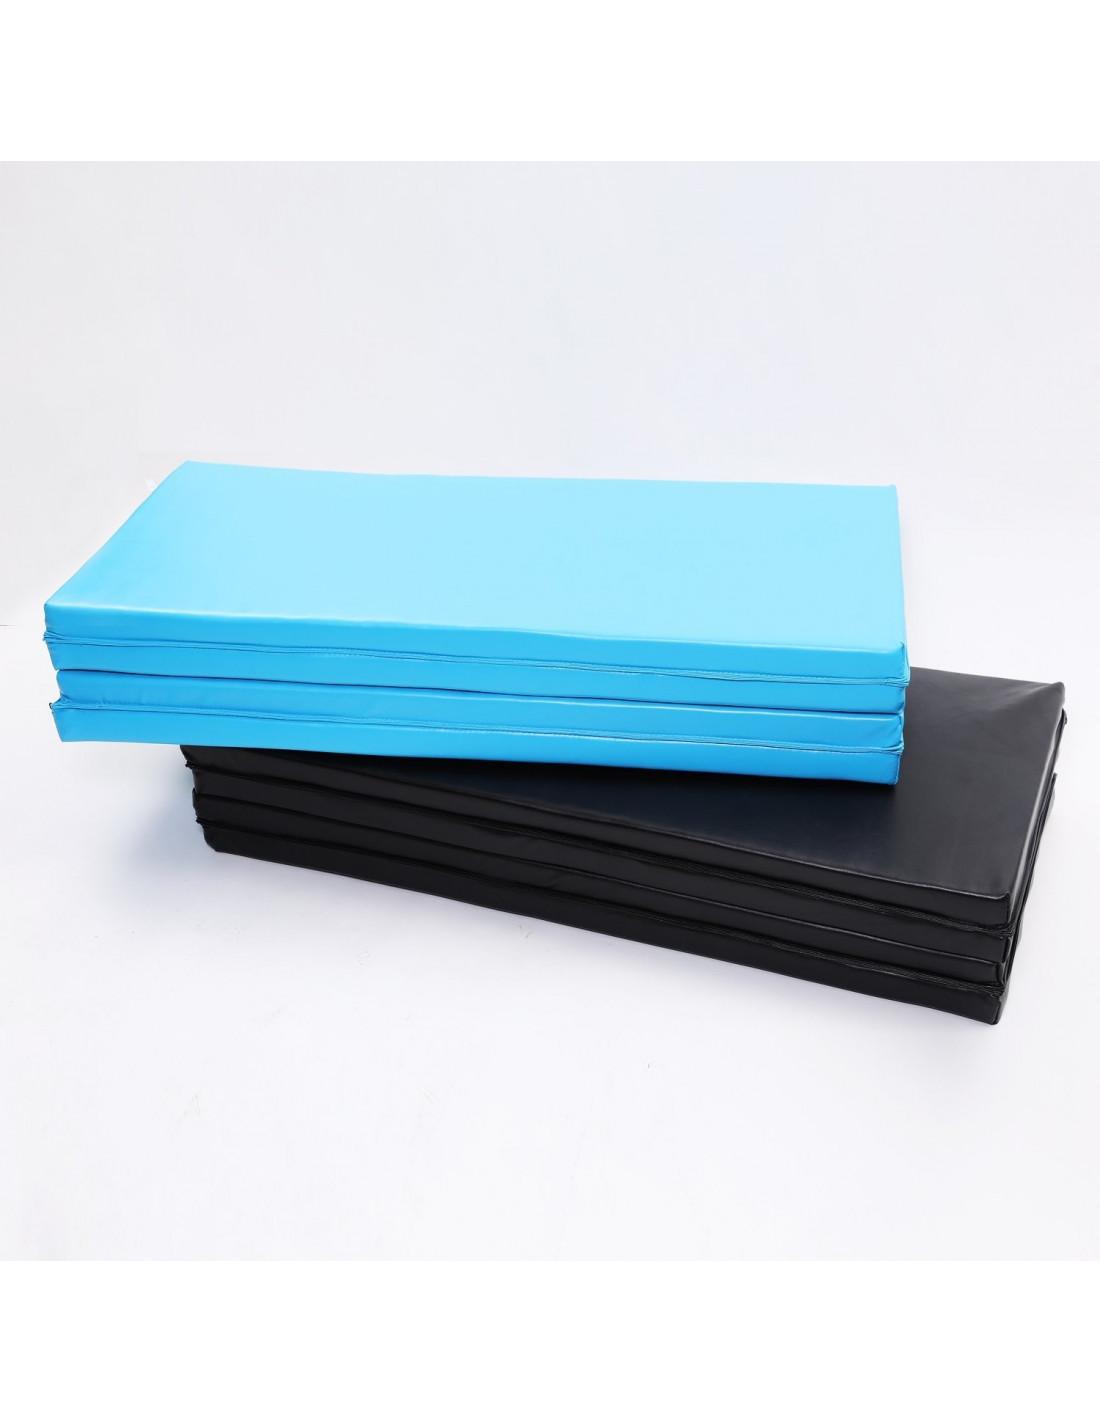 ise tapis de sol tapis de gymnastique pliable natte de gym tapis de yoga 240 x 120 x 5 cm bleu sy 3004 bl